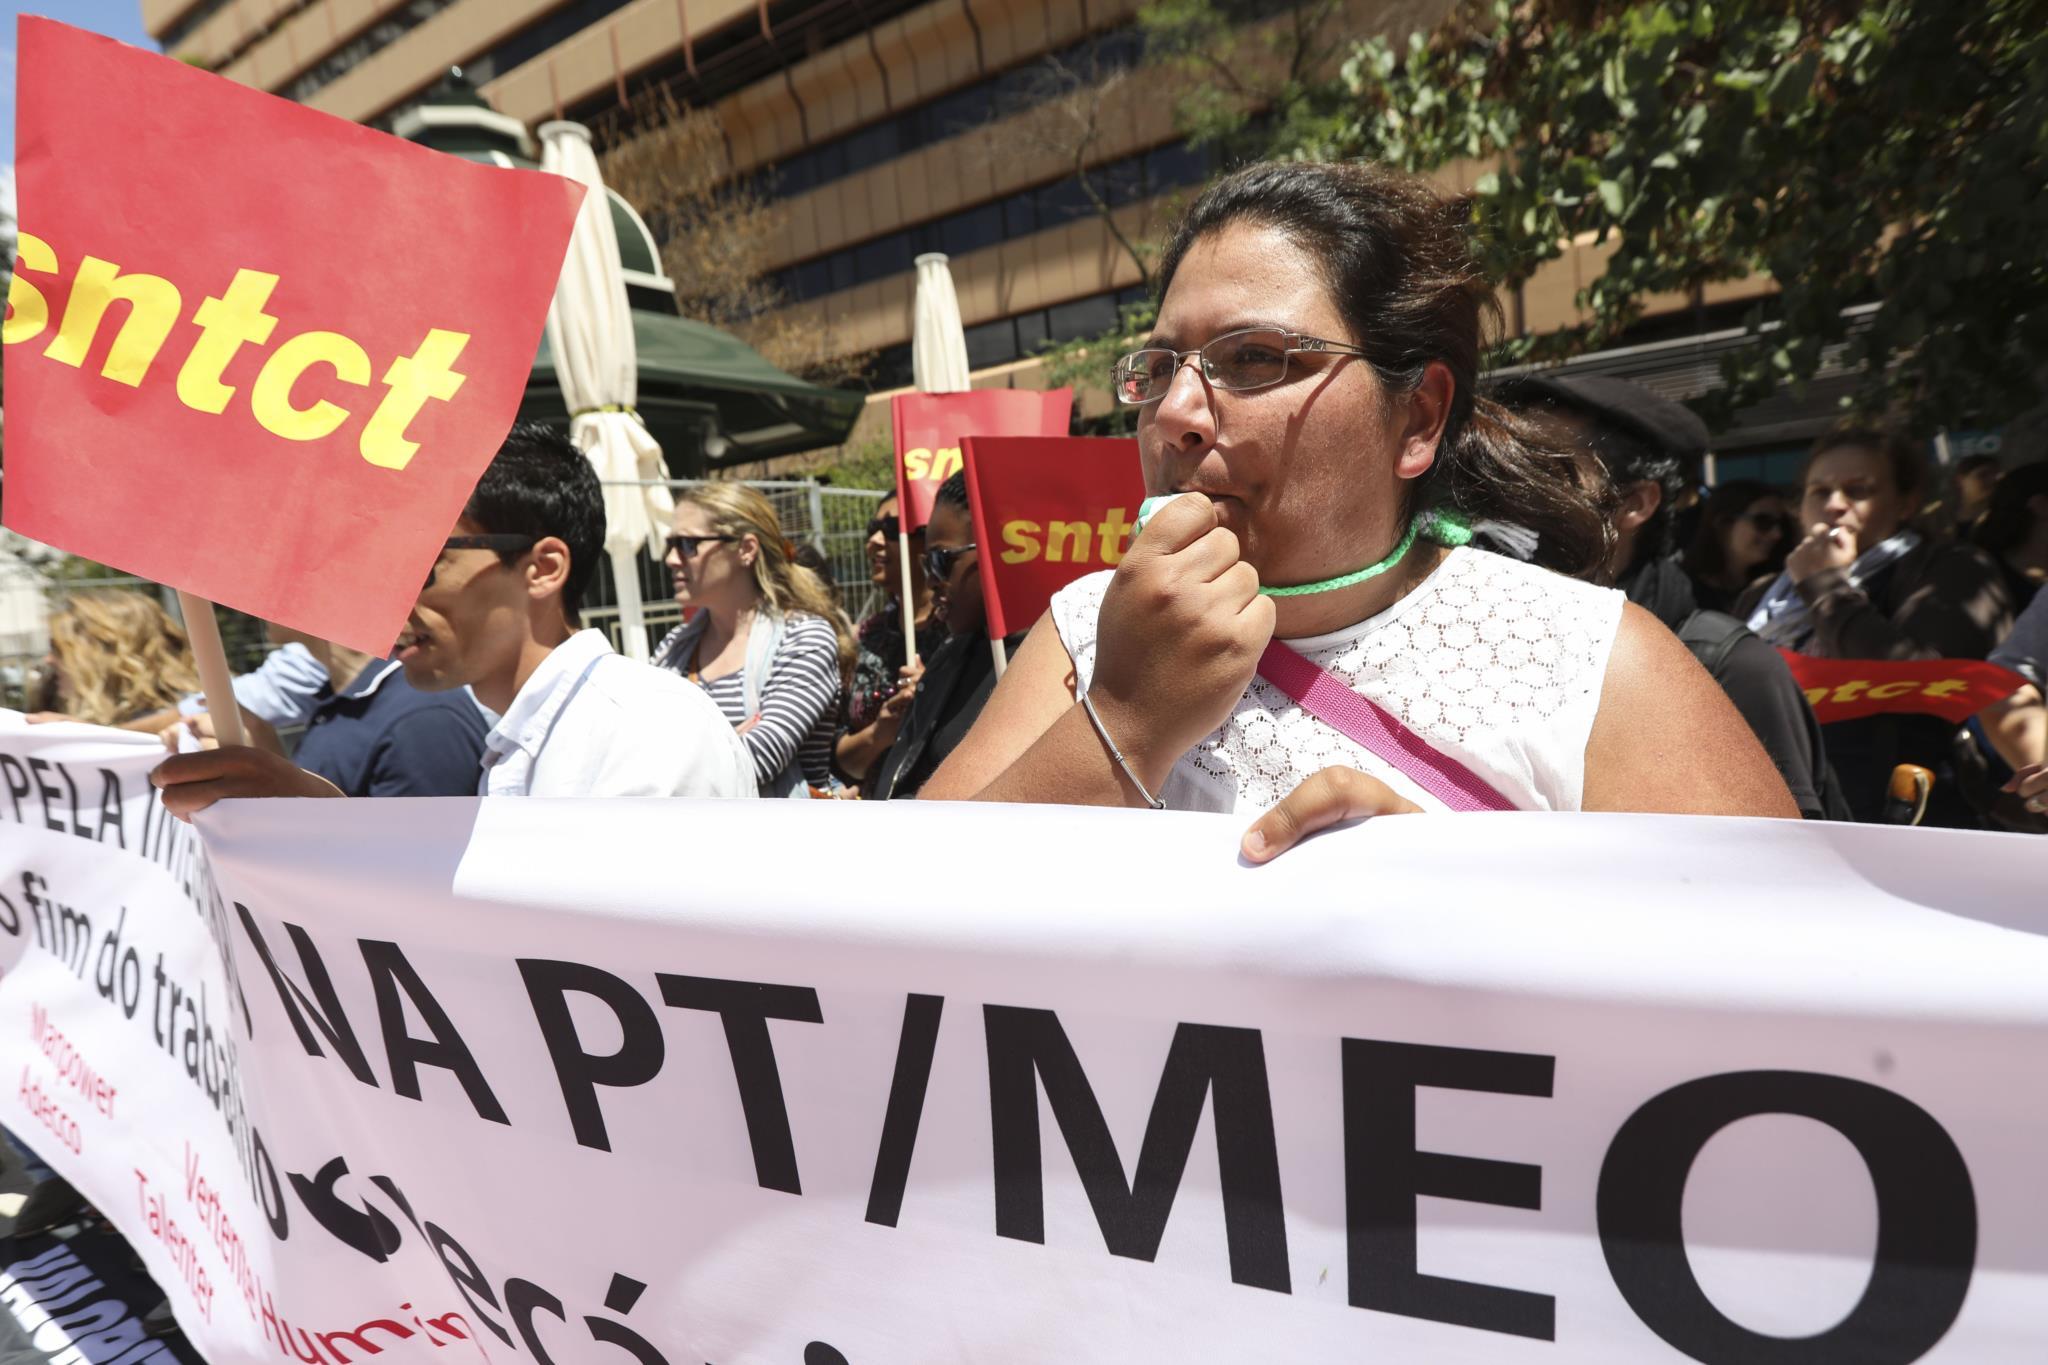 Sindicatos convidaram as duas centrais sindicais para participar e intervir na concentração à porta da sede da PT, no dia 21 de Julho